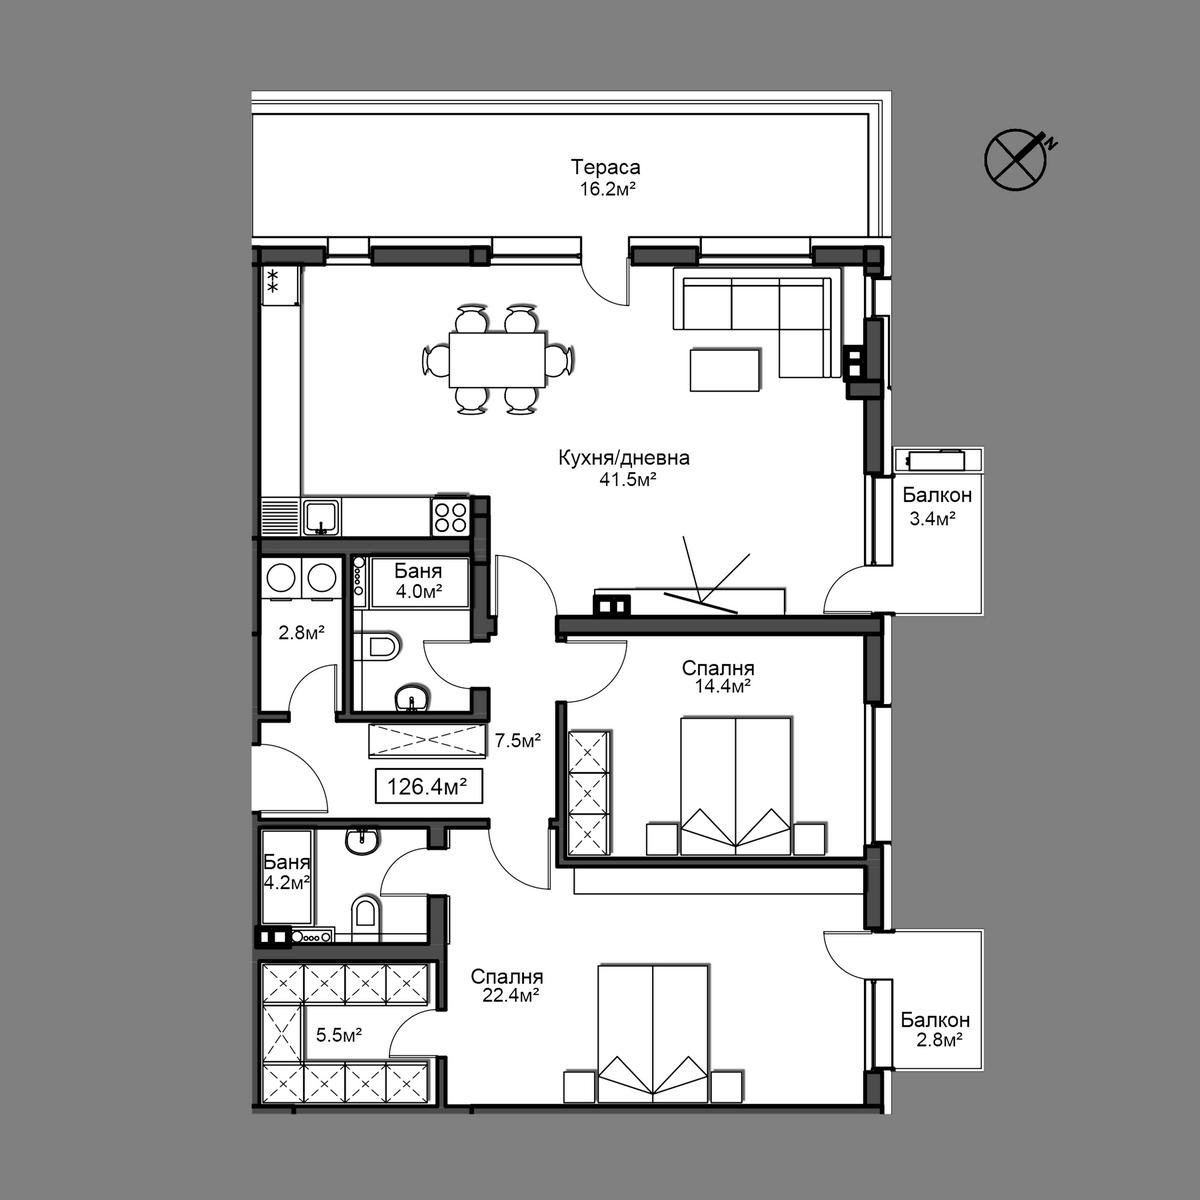 Апартамент 53